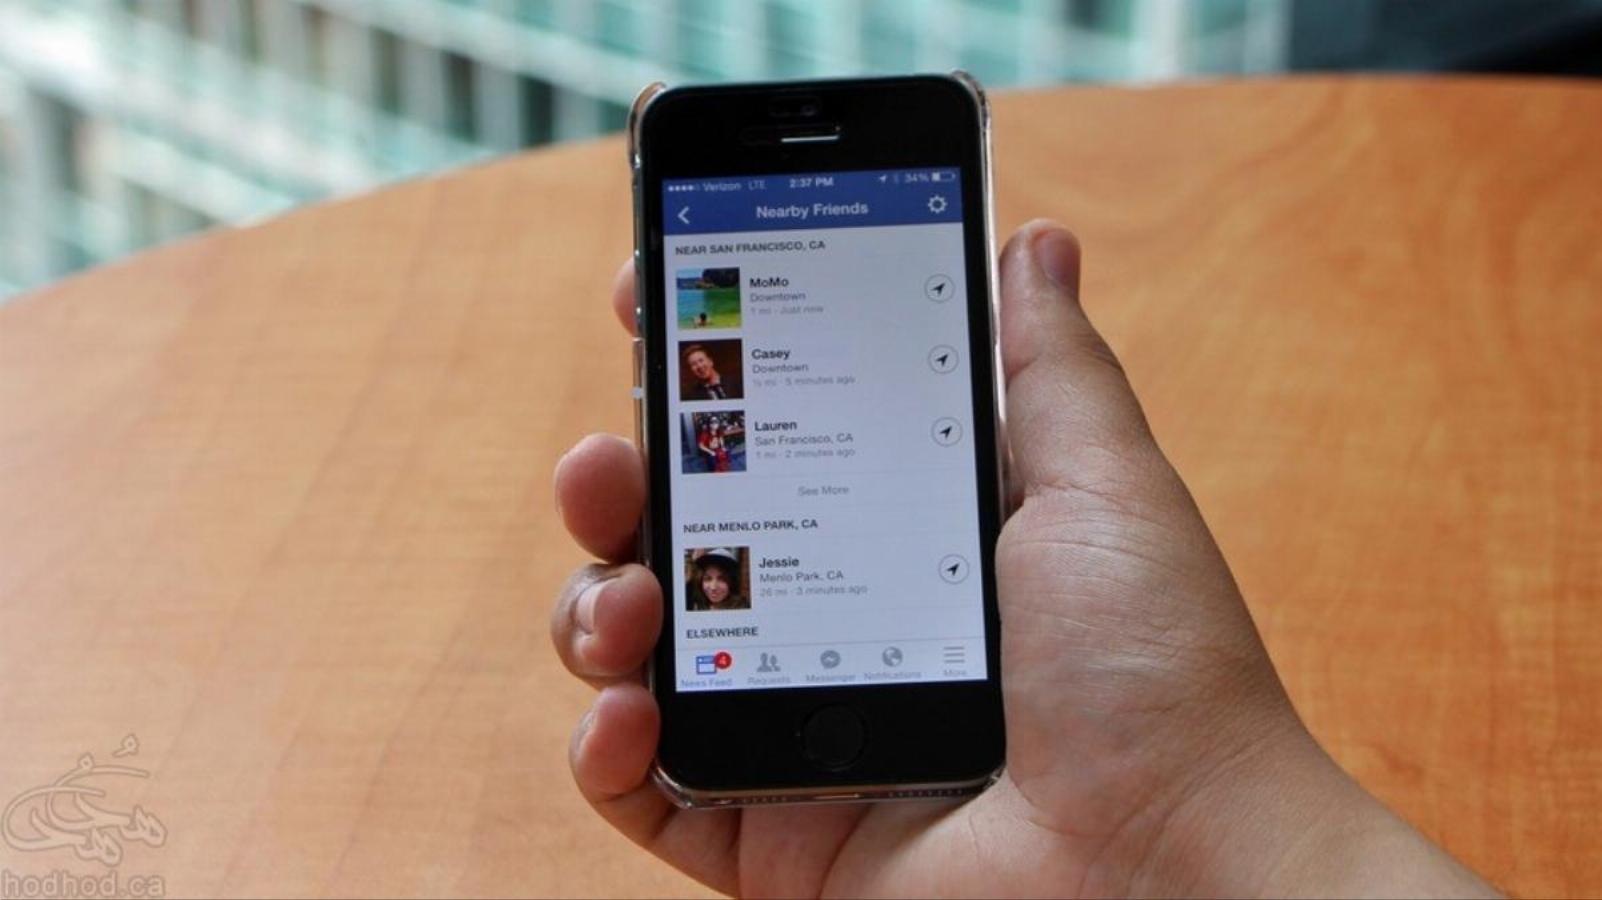 فیسبوک با حذف امکان Nearby Friends ویژگی Wave را به کاربران معرفی کرد